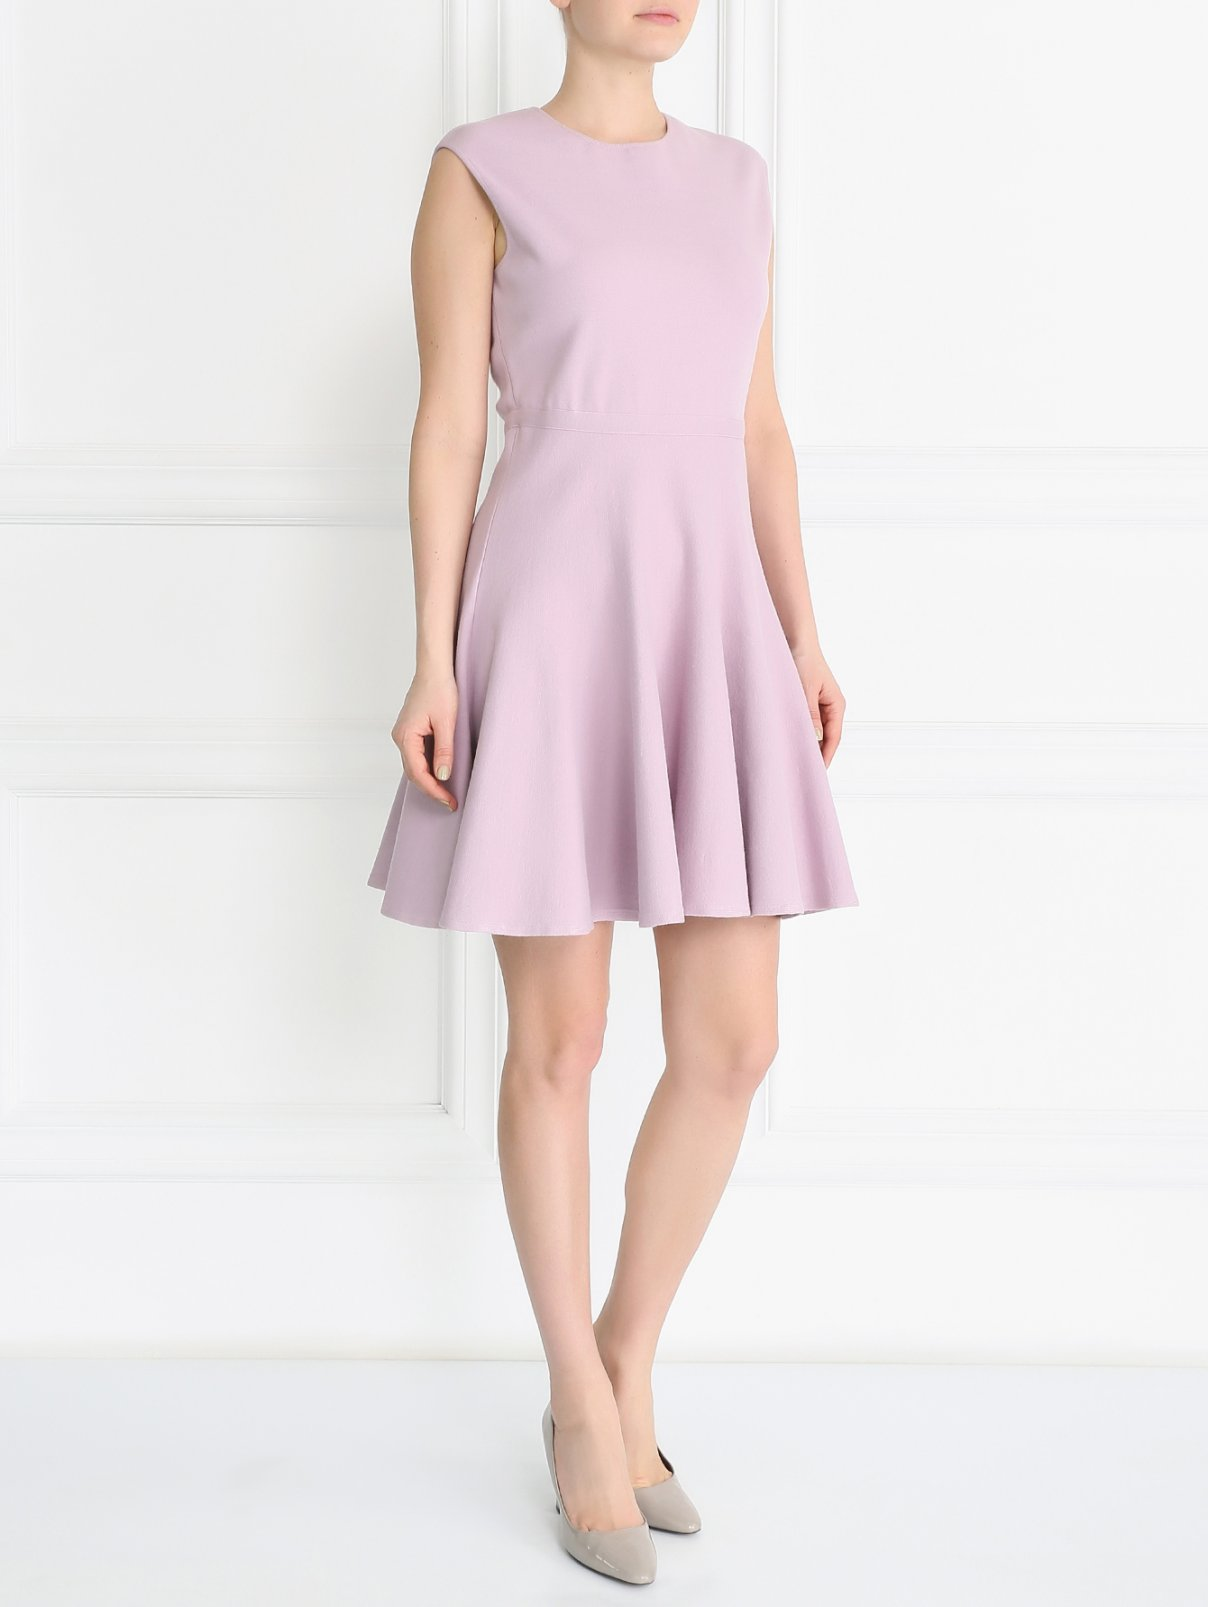 Трикотажное платье-мини из вискозы и шерсти Giambattista Valli  –  Модель Общий вид